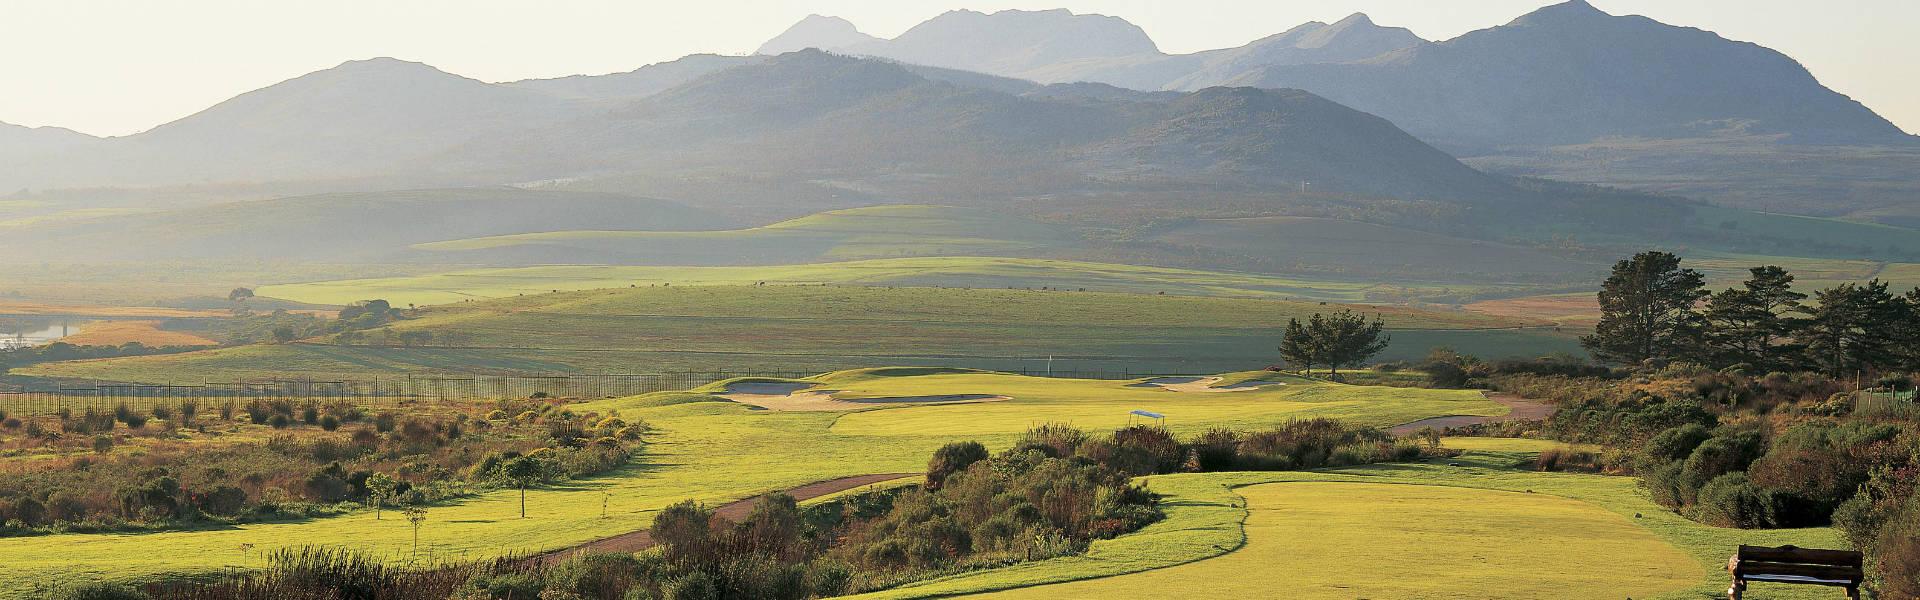 Arabella-Golf-Club-2-South-Africa-6001